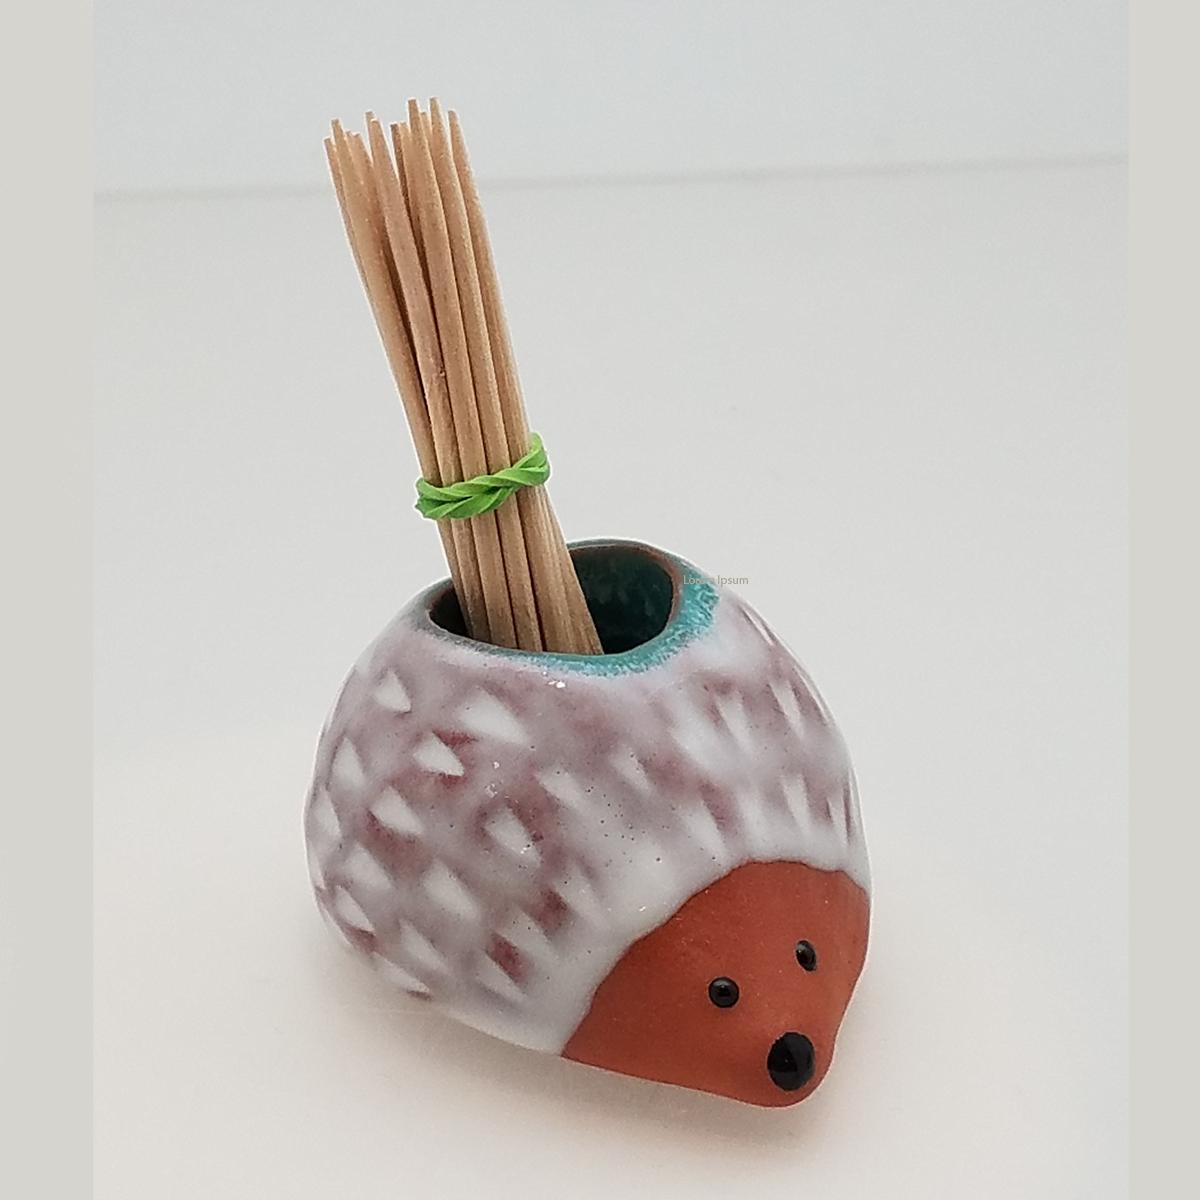 Ceramic-HedgeHog-PatVanWest-Mtn Made